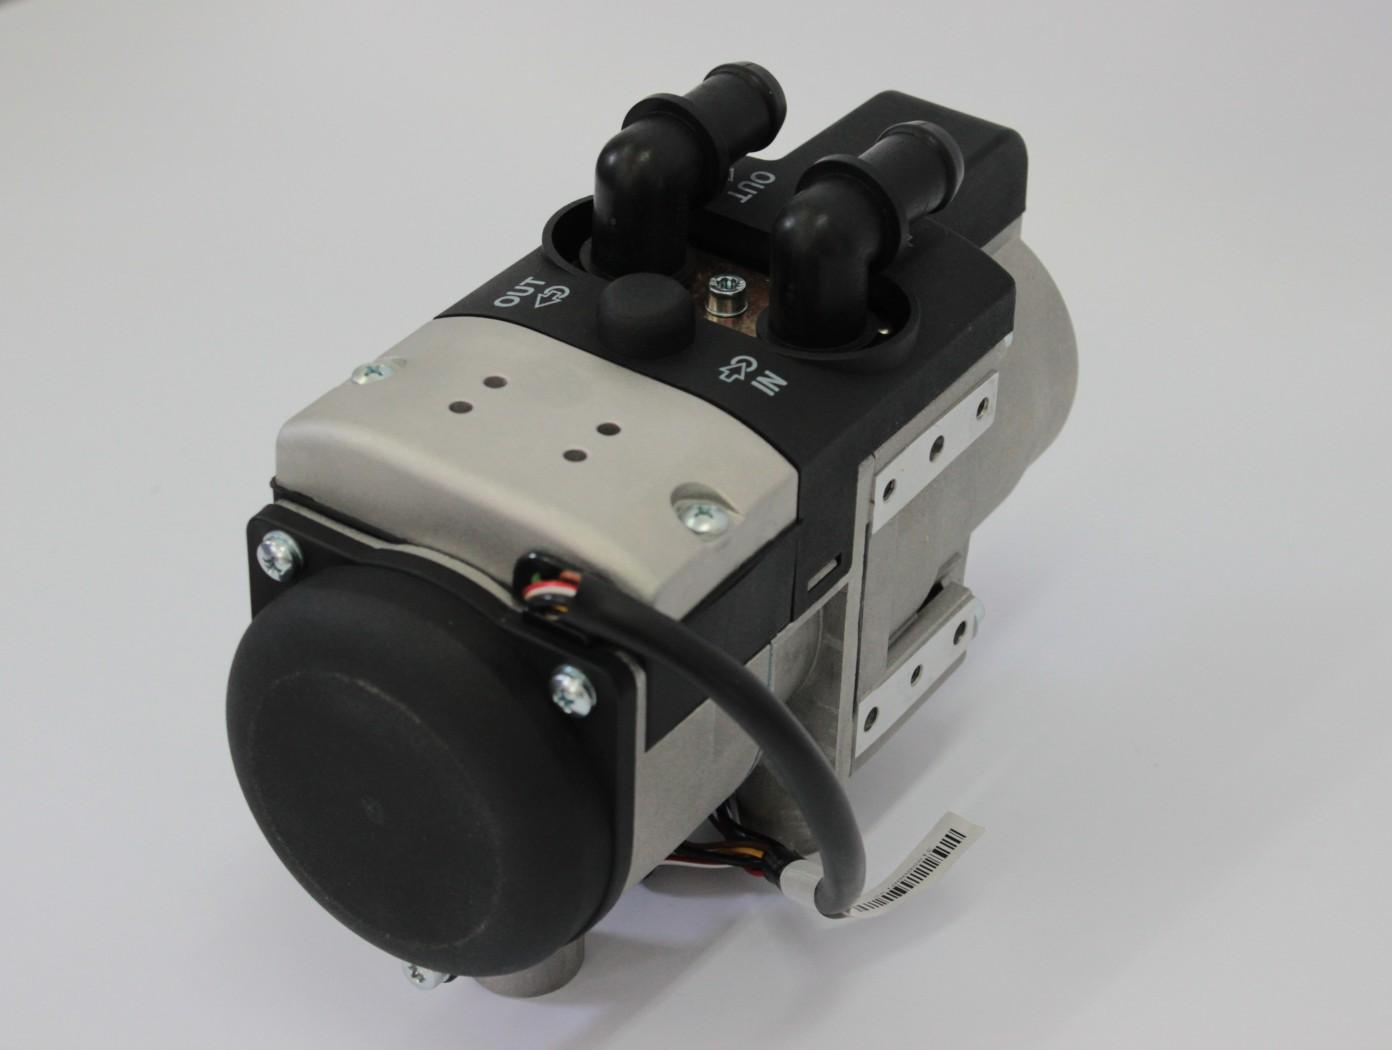 360432 бинар-5д компакт технические характеристики: сильный/малый теплопроизводительность, квт